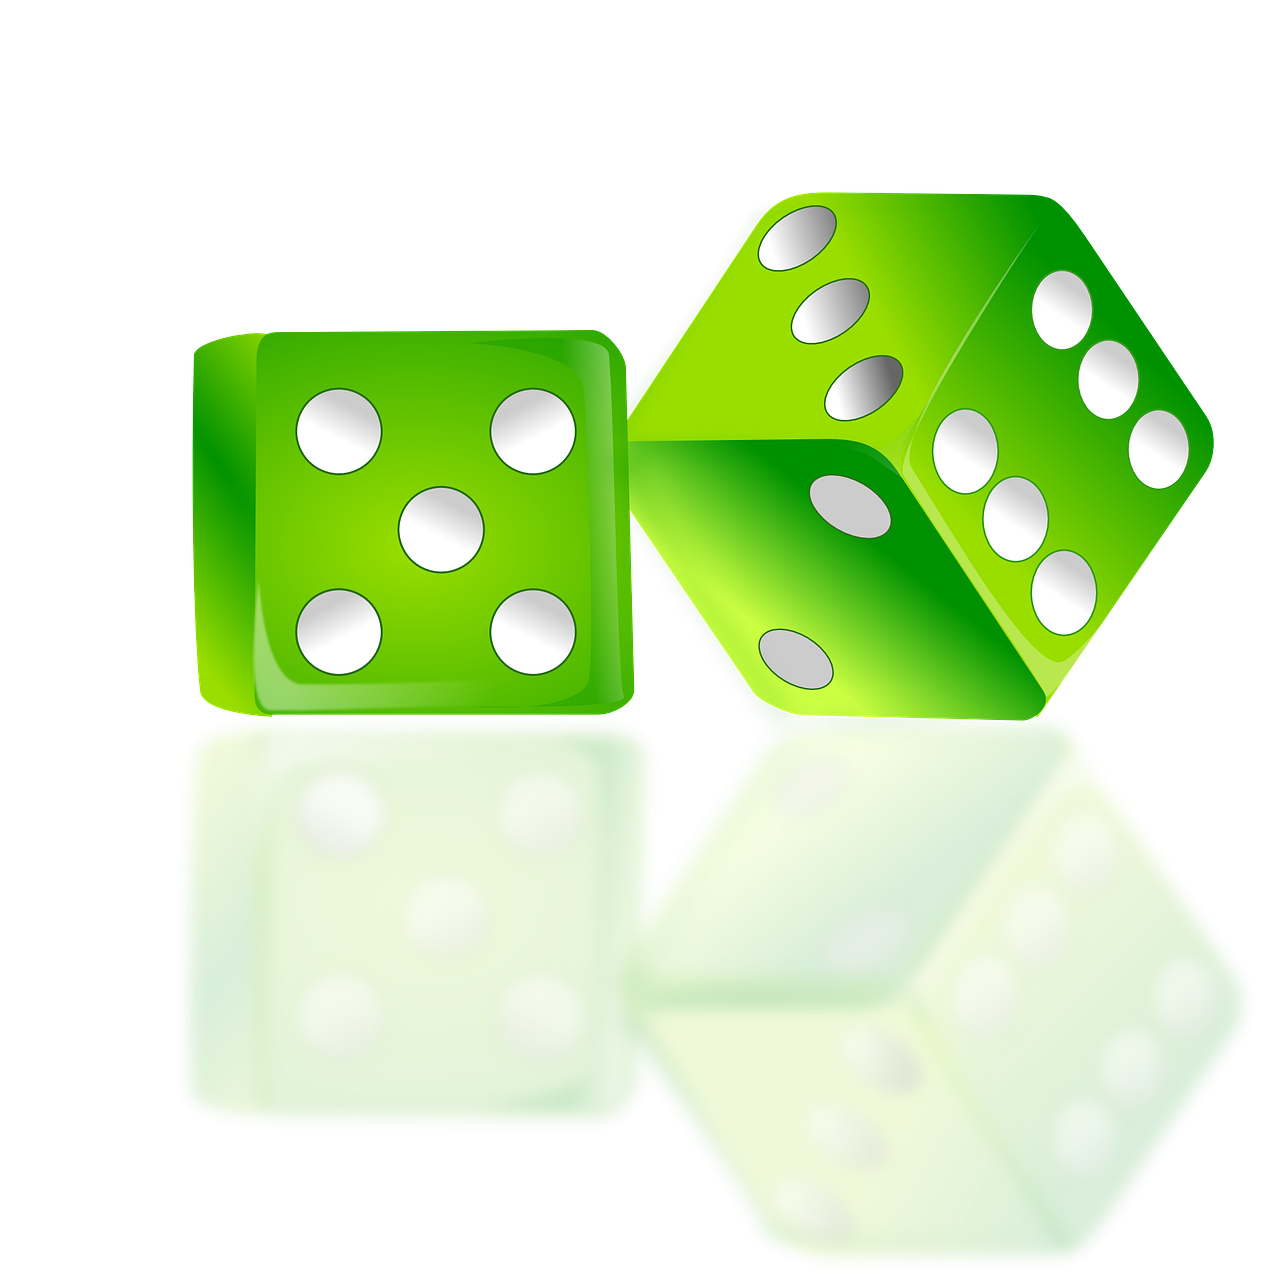 Course Image Specyficzne trudności w uczeniu się matematyki - dyskalkulia, diagnoza, metodyka prowadzenia zajęć korekcyjno-kompensacyjnych, wyrównawczych/Kitlińska-Król/L21